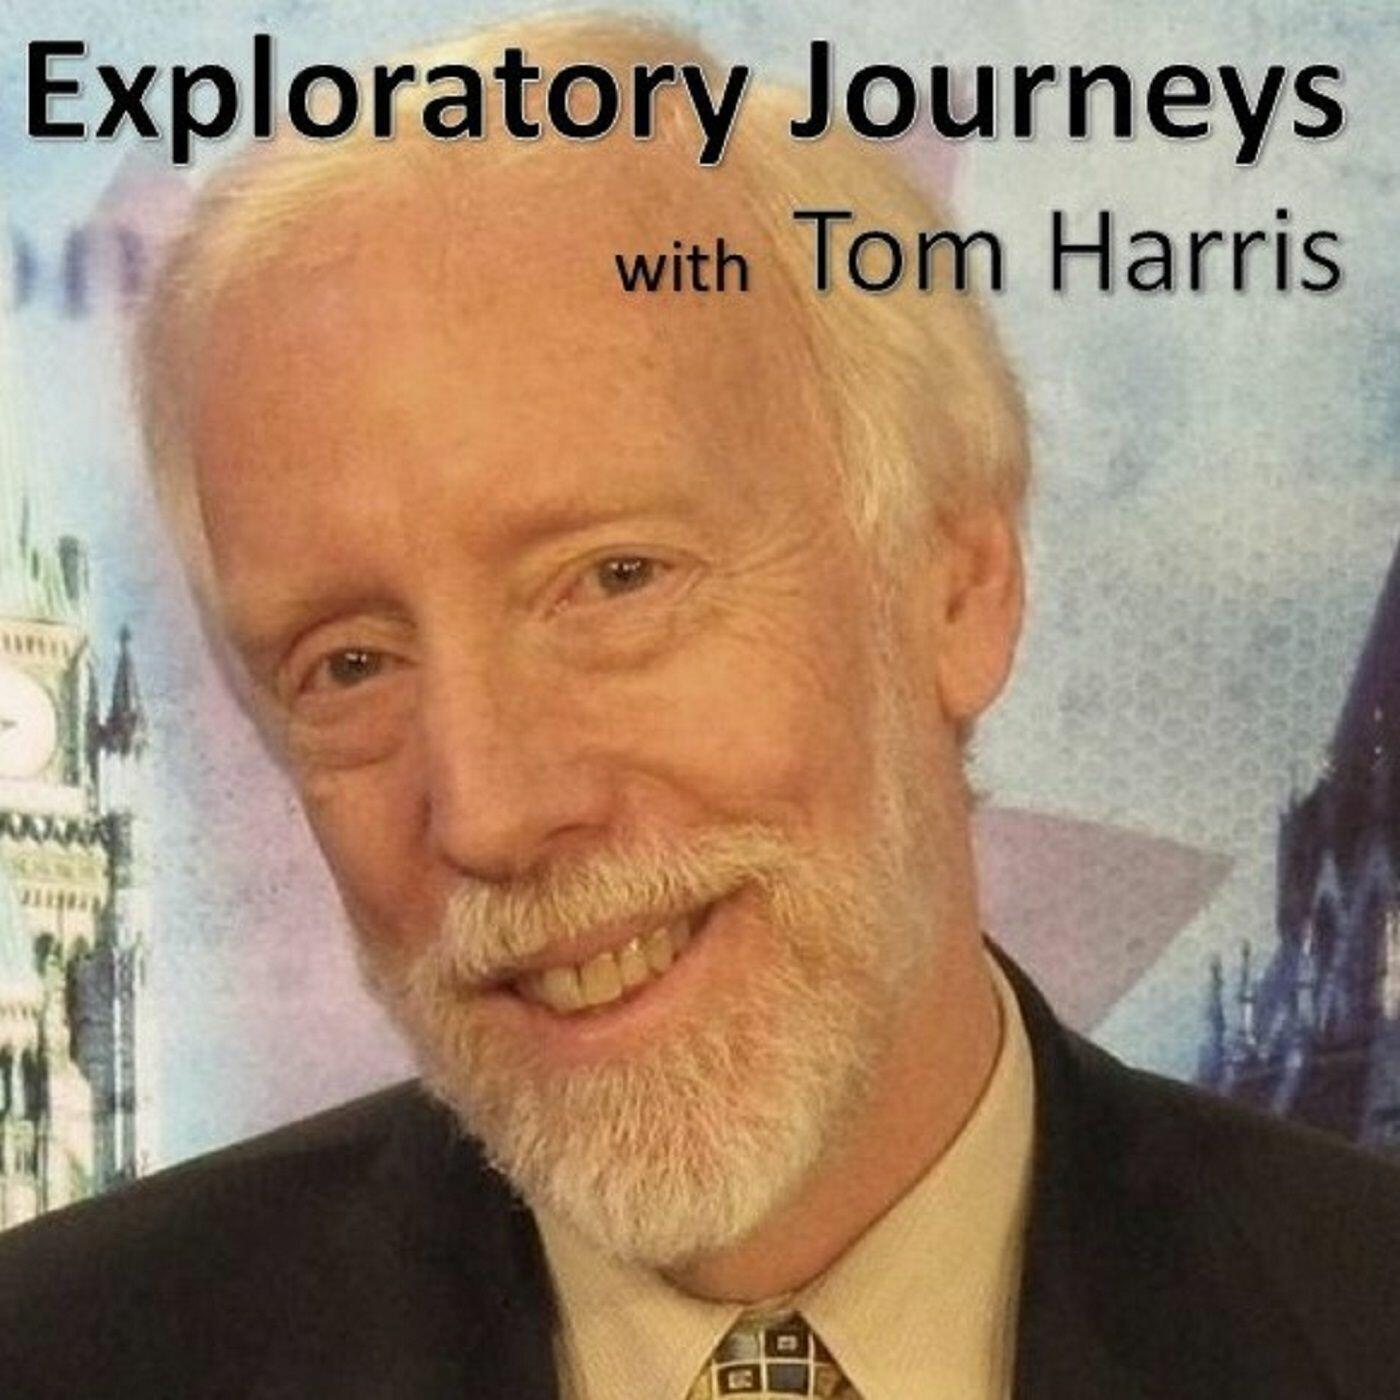 Exploratory Journeys with Tom Harris